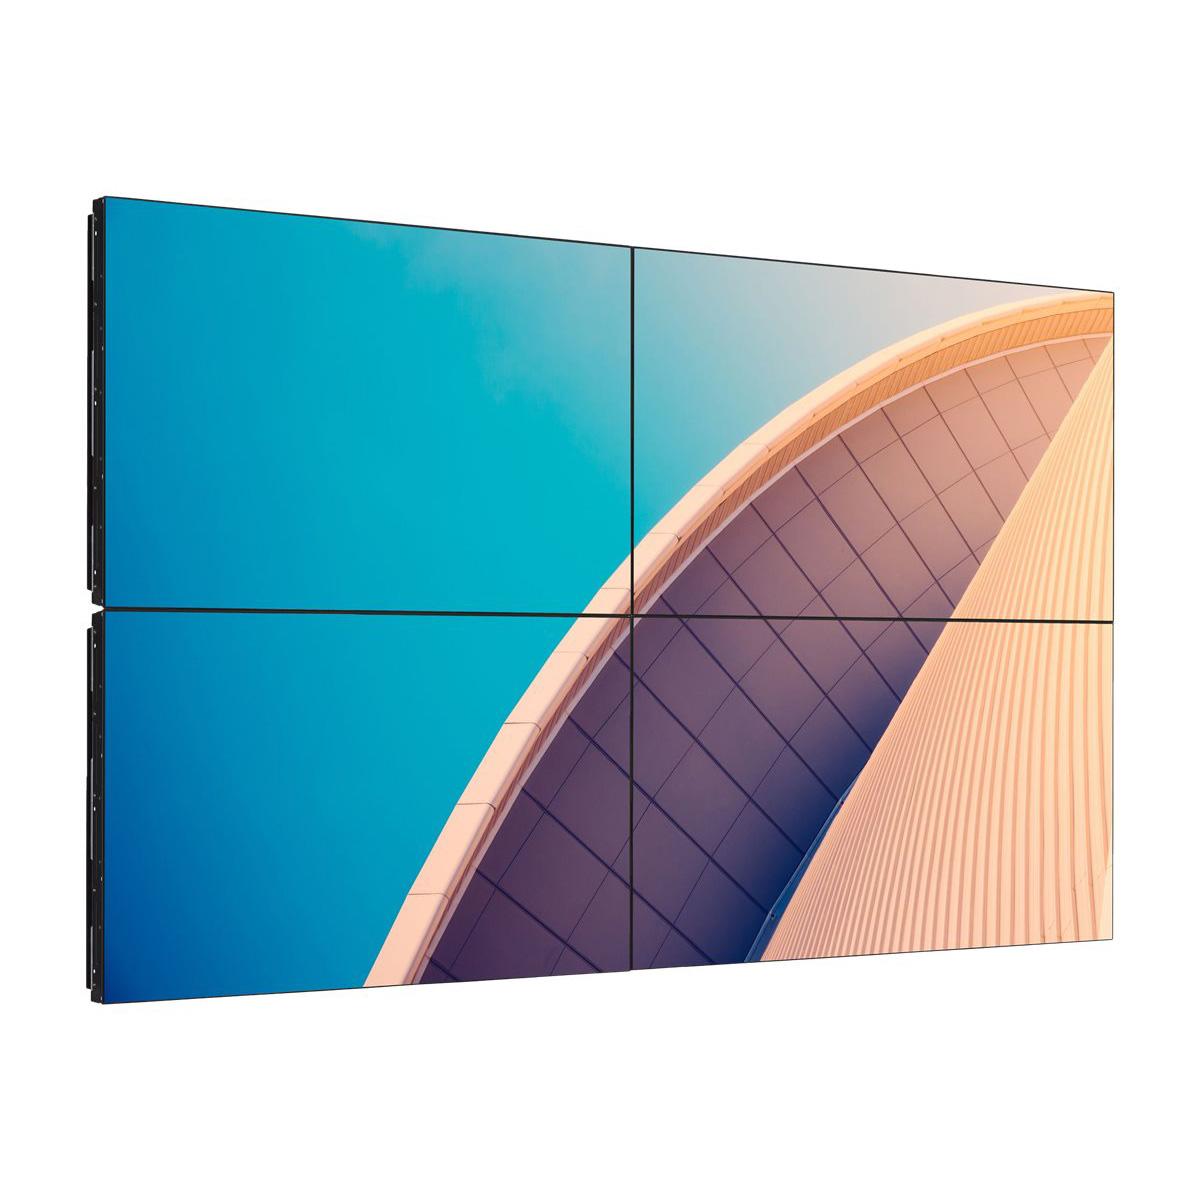 Philips Videovägg, 2x2 - Konferensrum